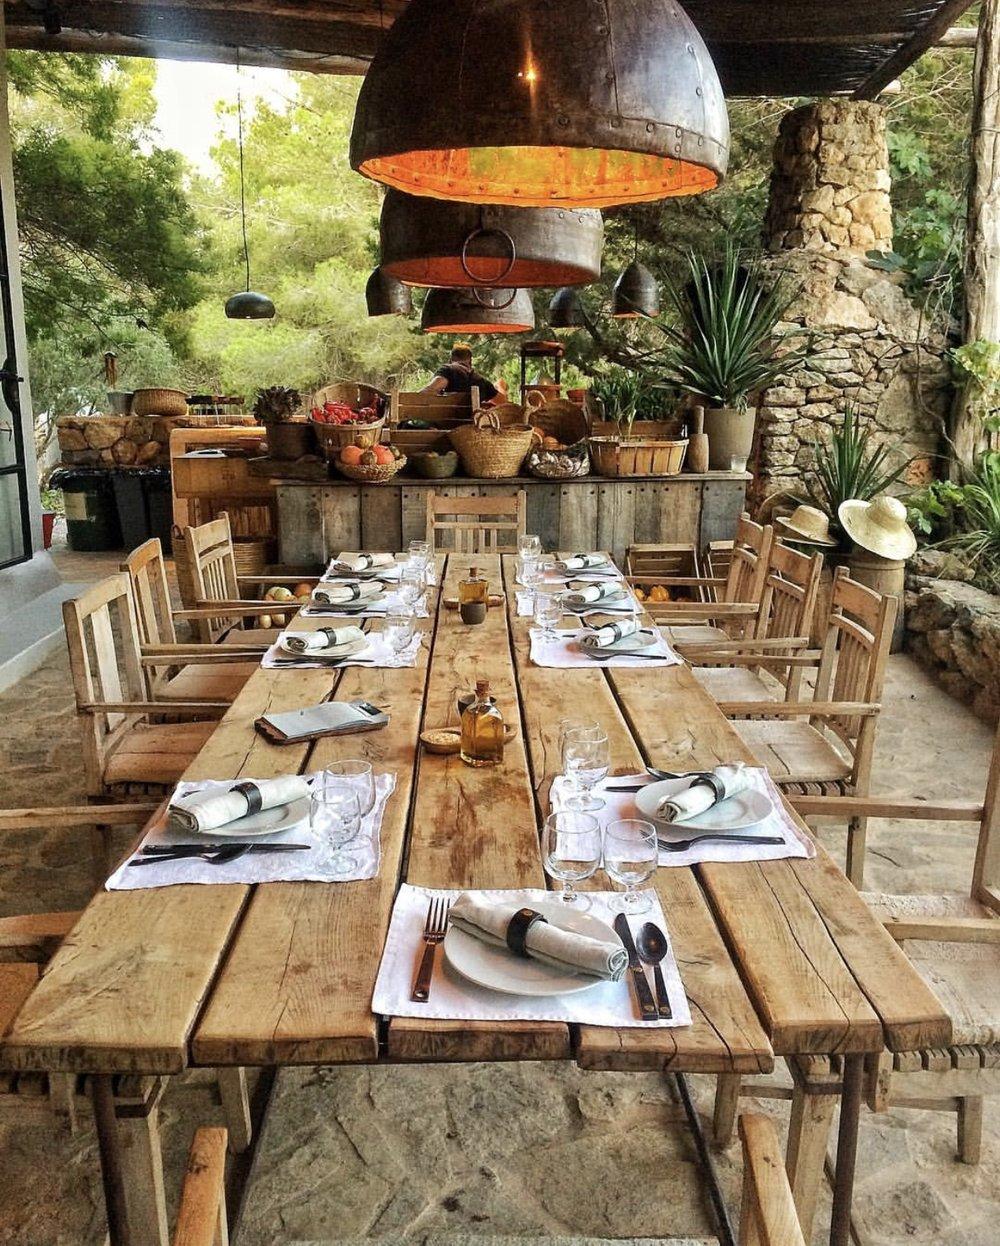 La Granja Hotel - Ibiza, Spain